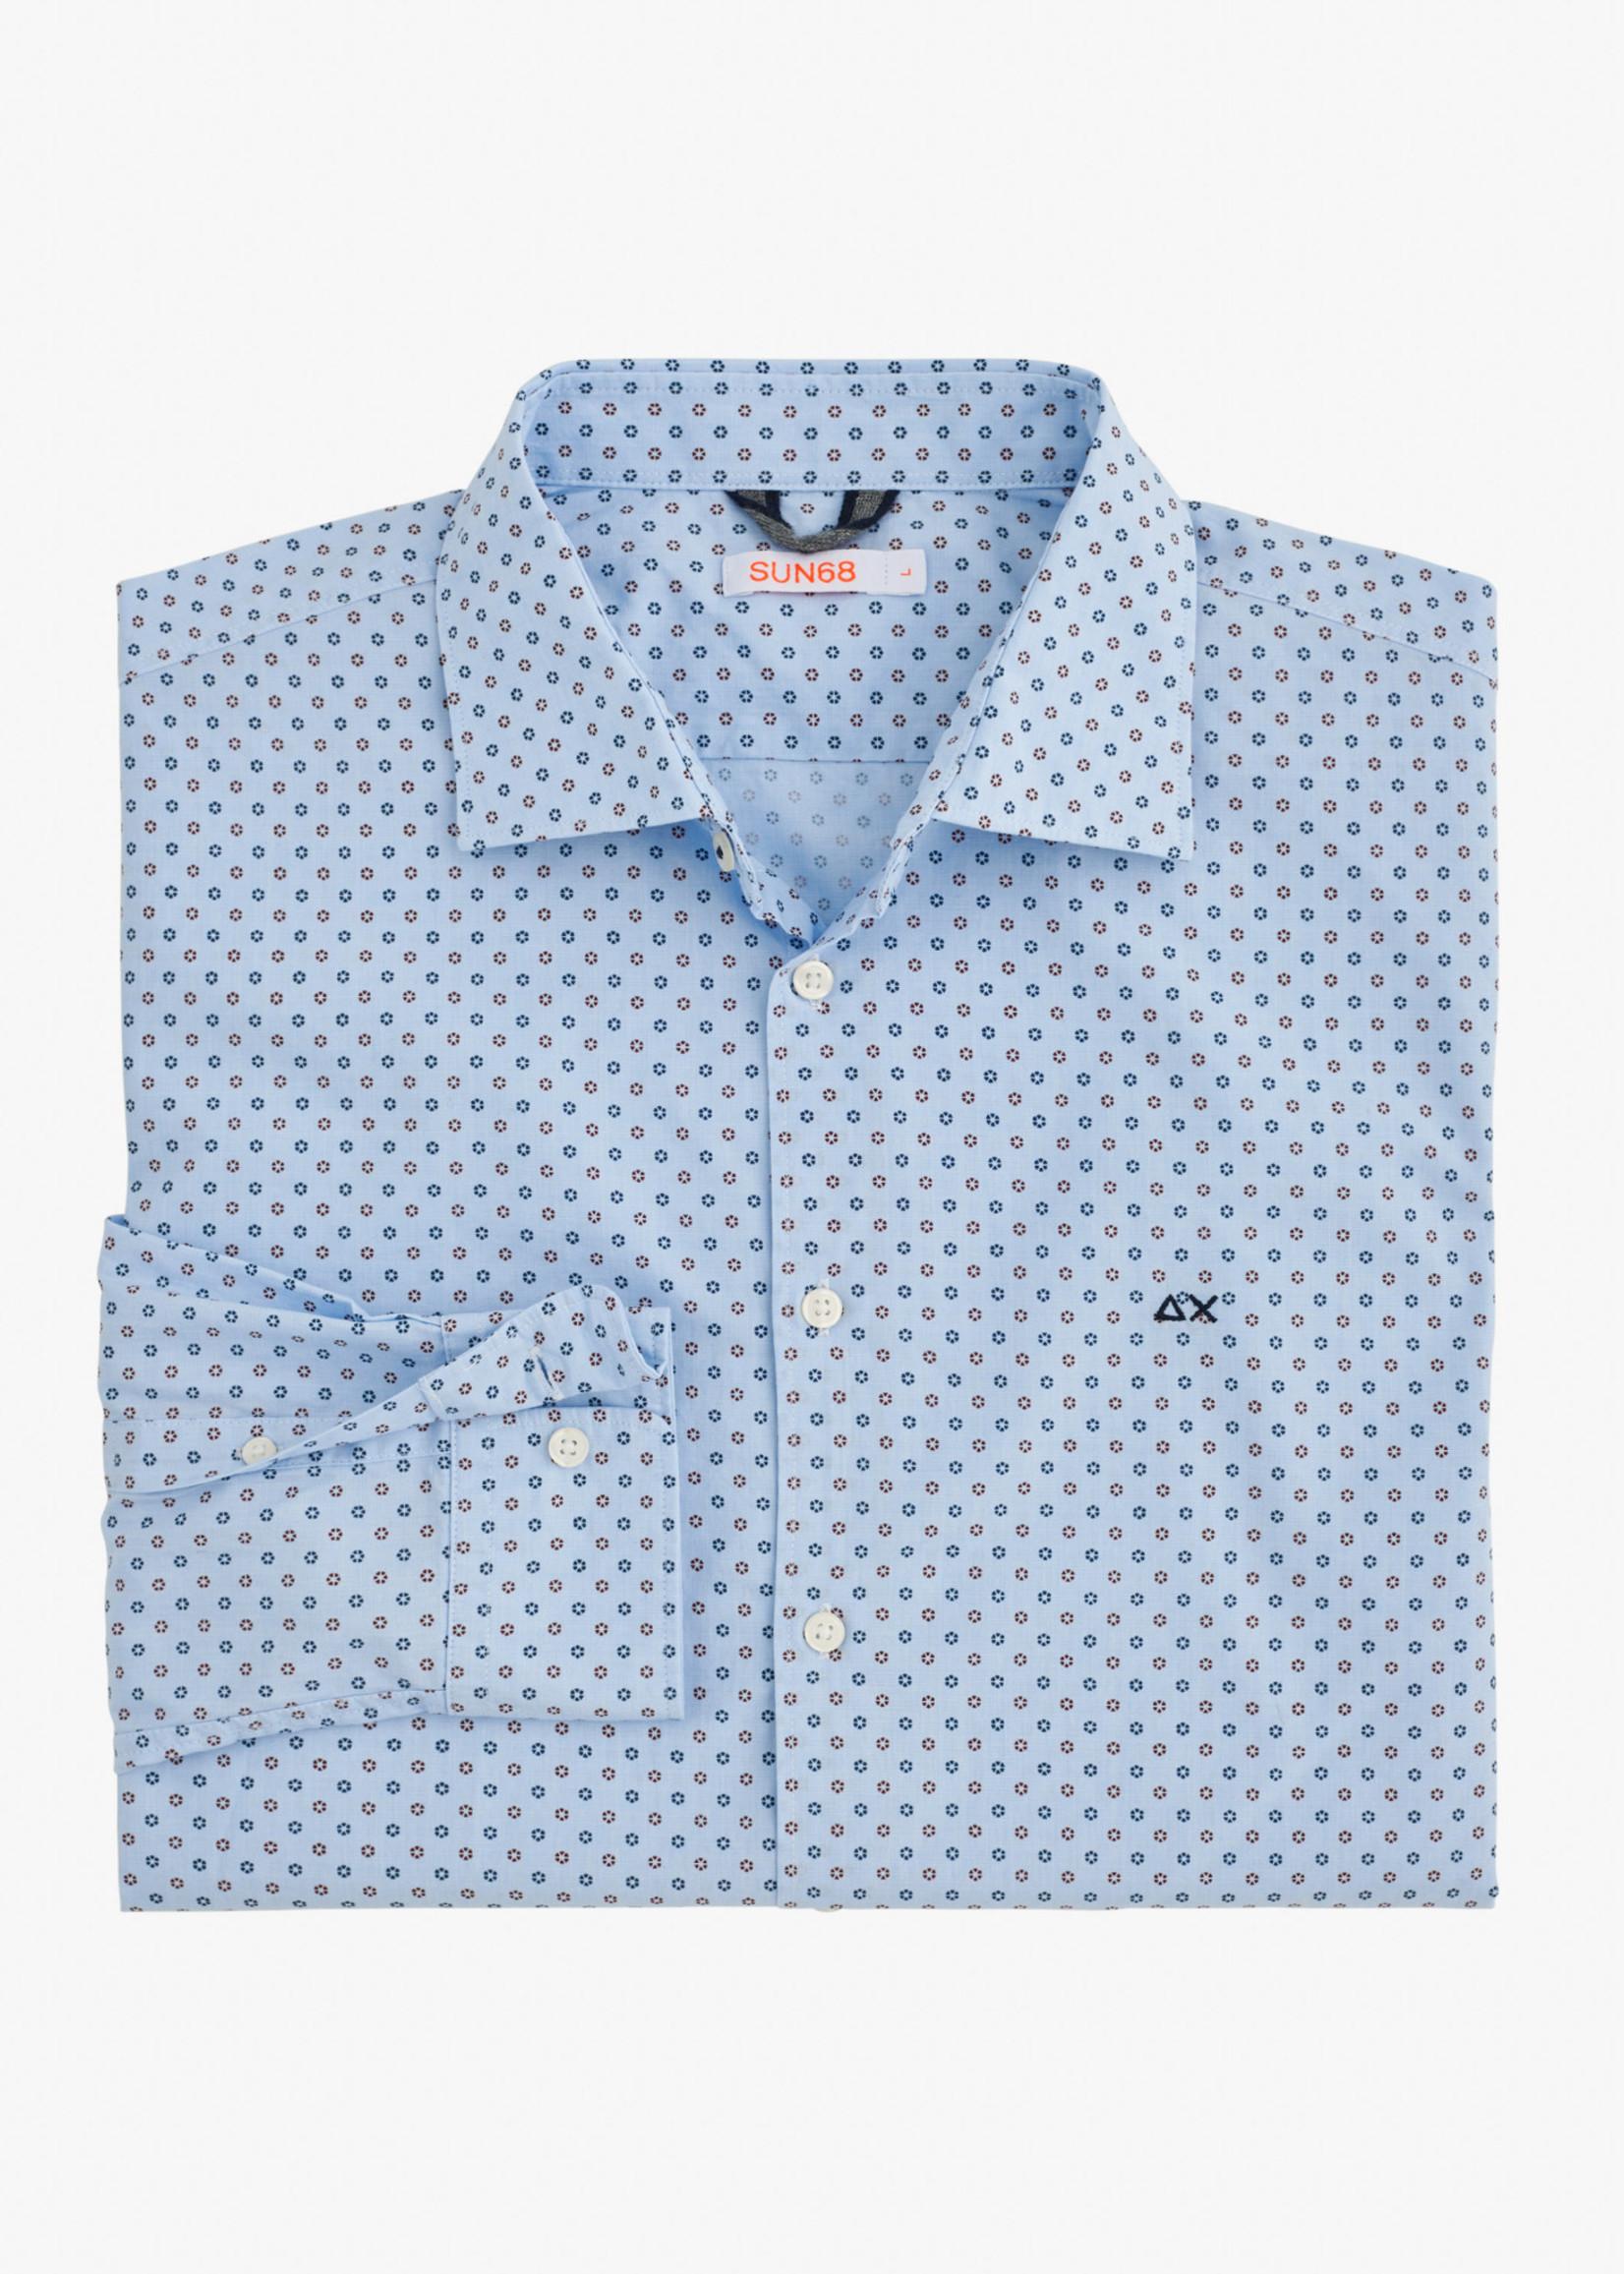 SUN68 Shirt Details French Collar L/S | Blauw/Rood | SUN68